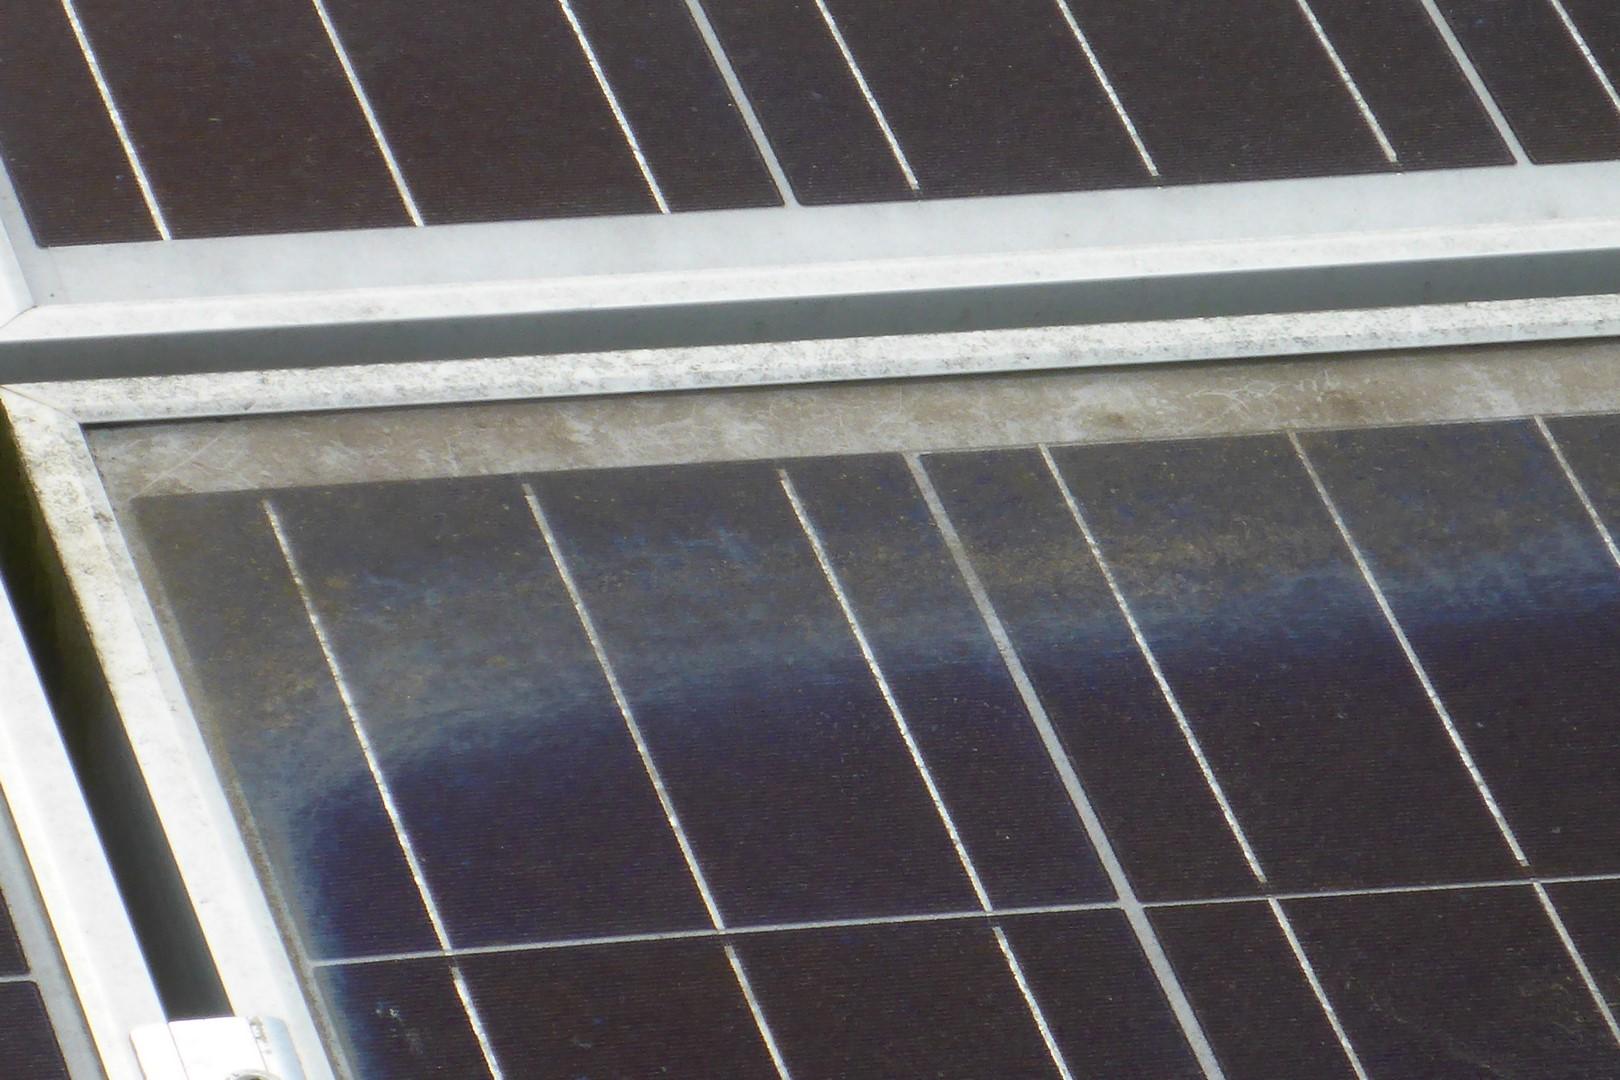 Glaskorrosion am Photovoltaikmodul durch langjährige Verschmutzung